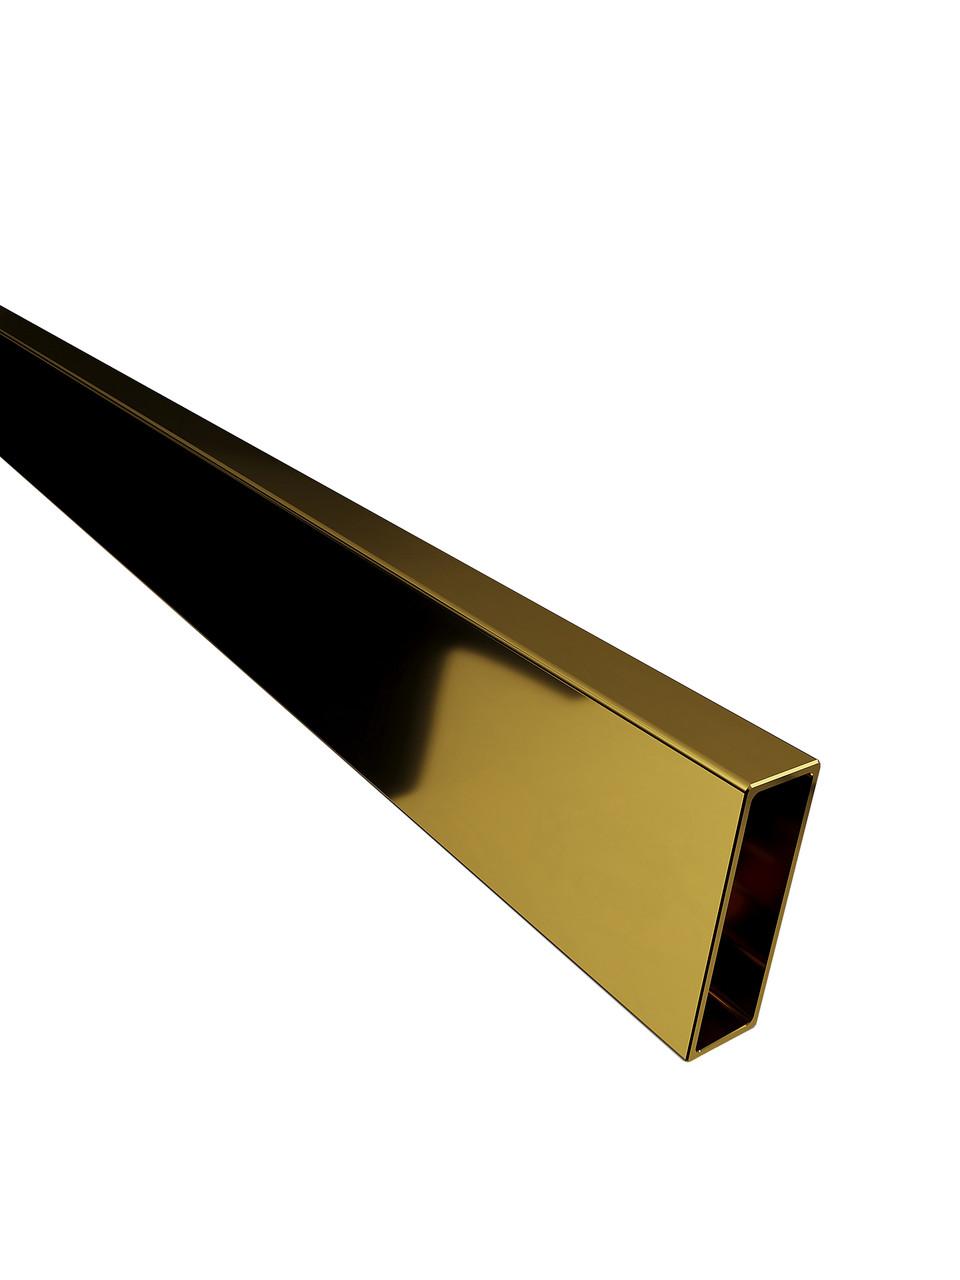 ODF-04-06-10-L1500 Рейок 30х10 під розсувну душову перегородку, золото